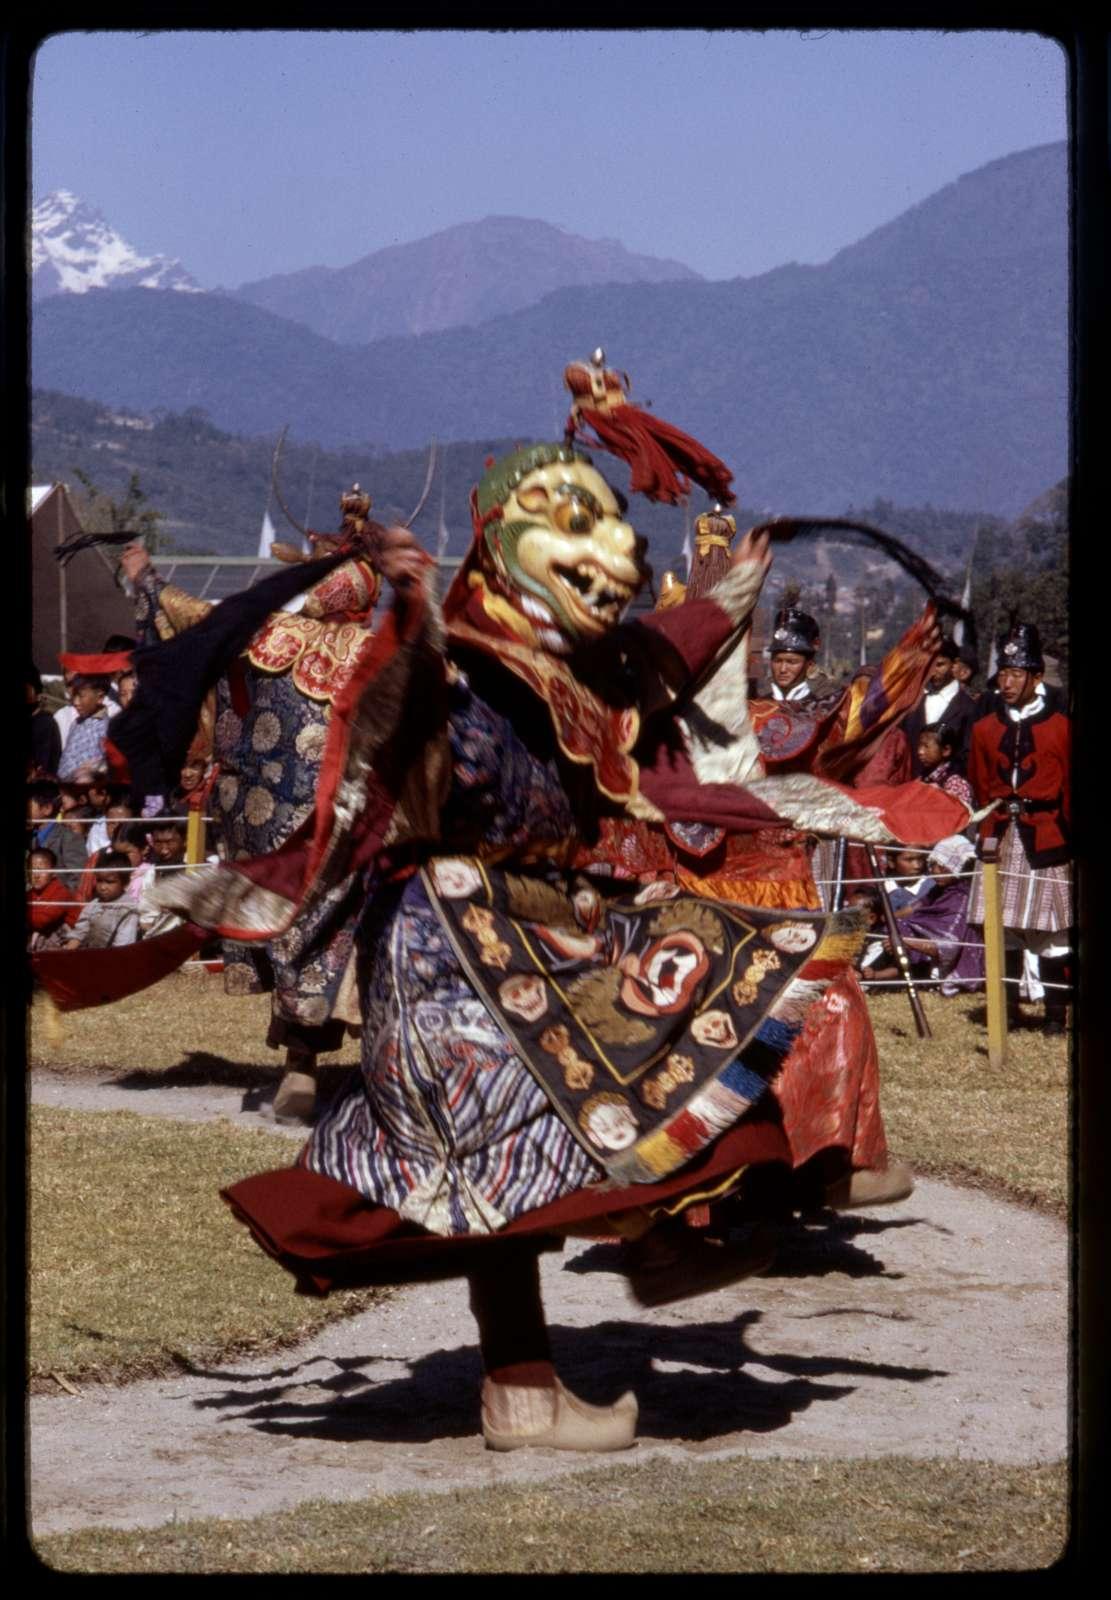 Ceremonial masked lama dancer